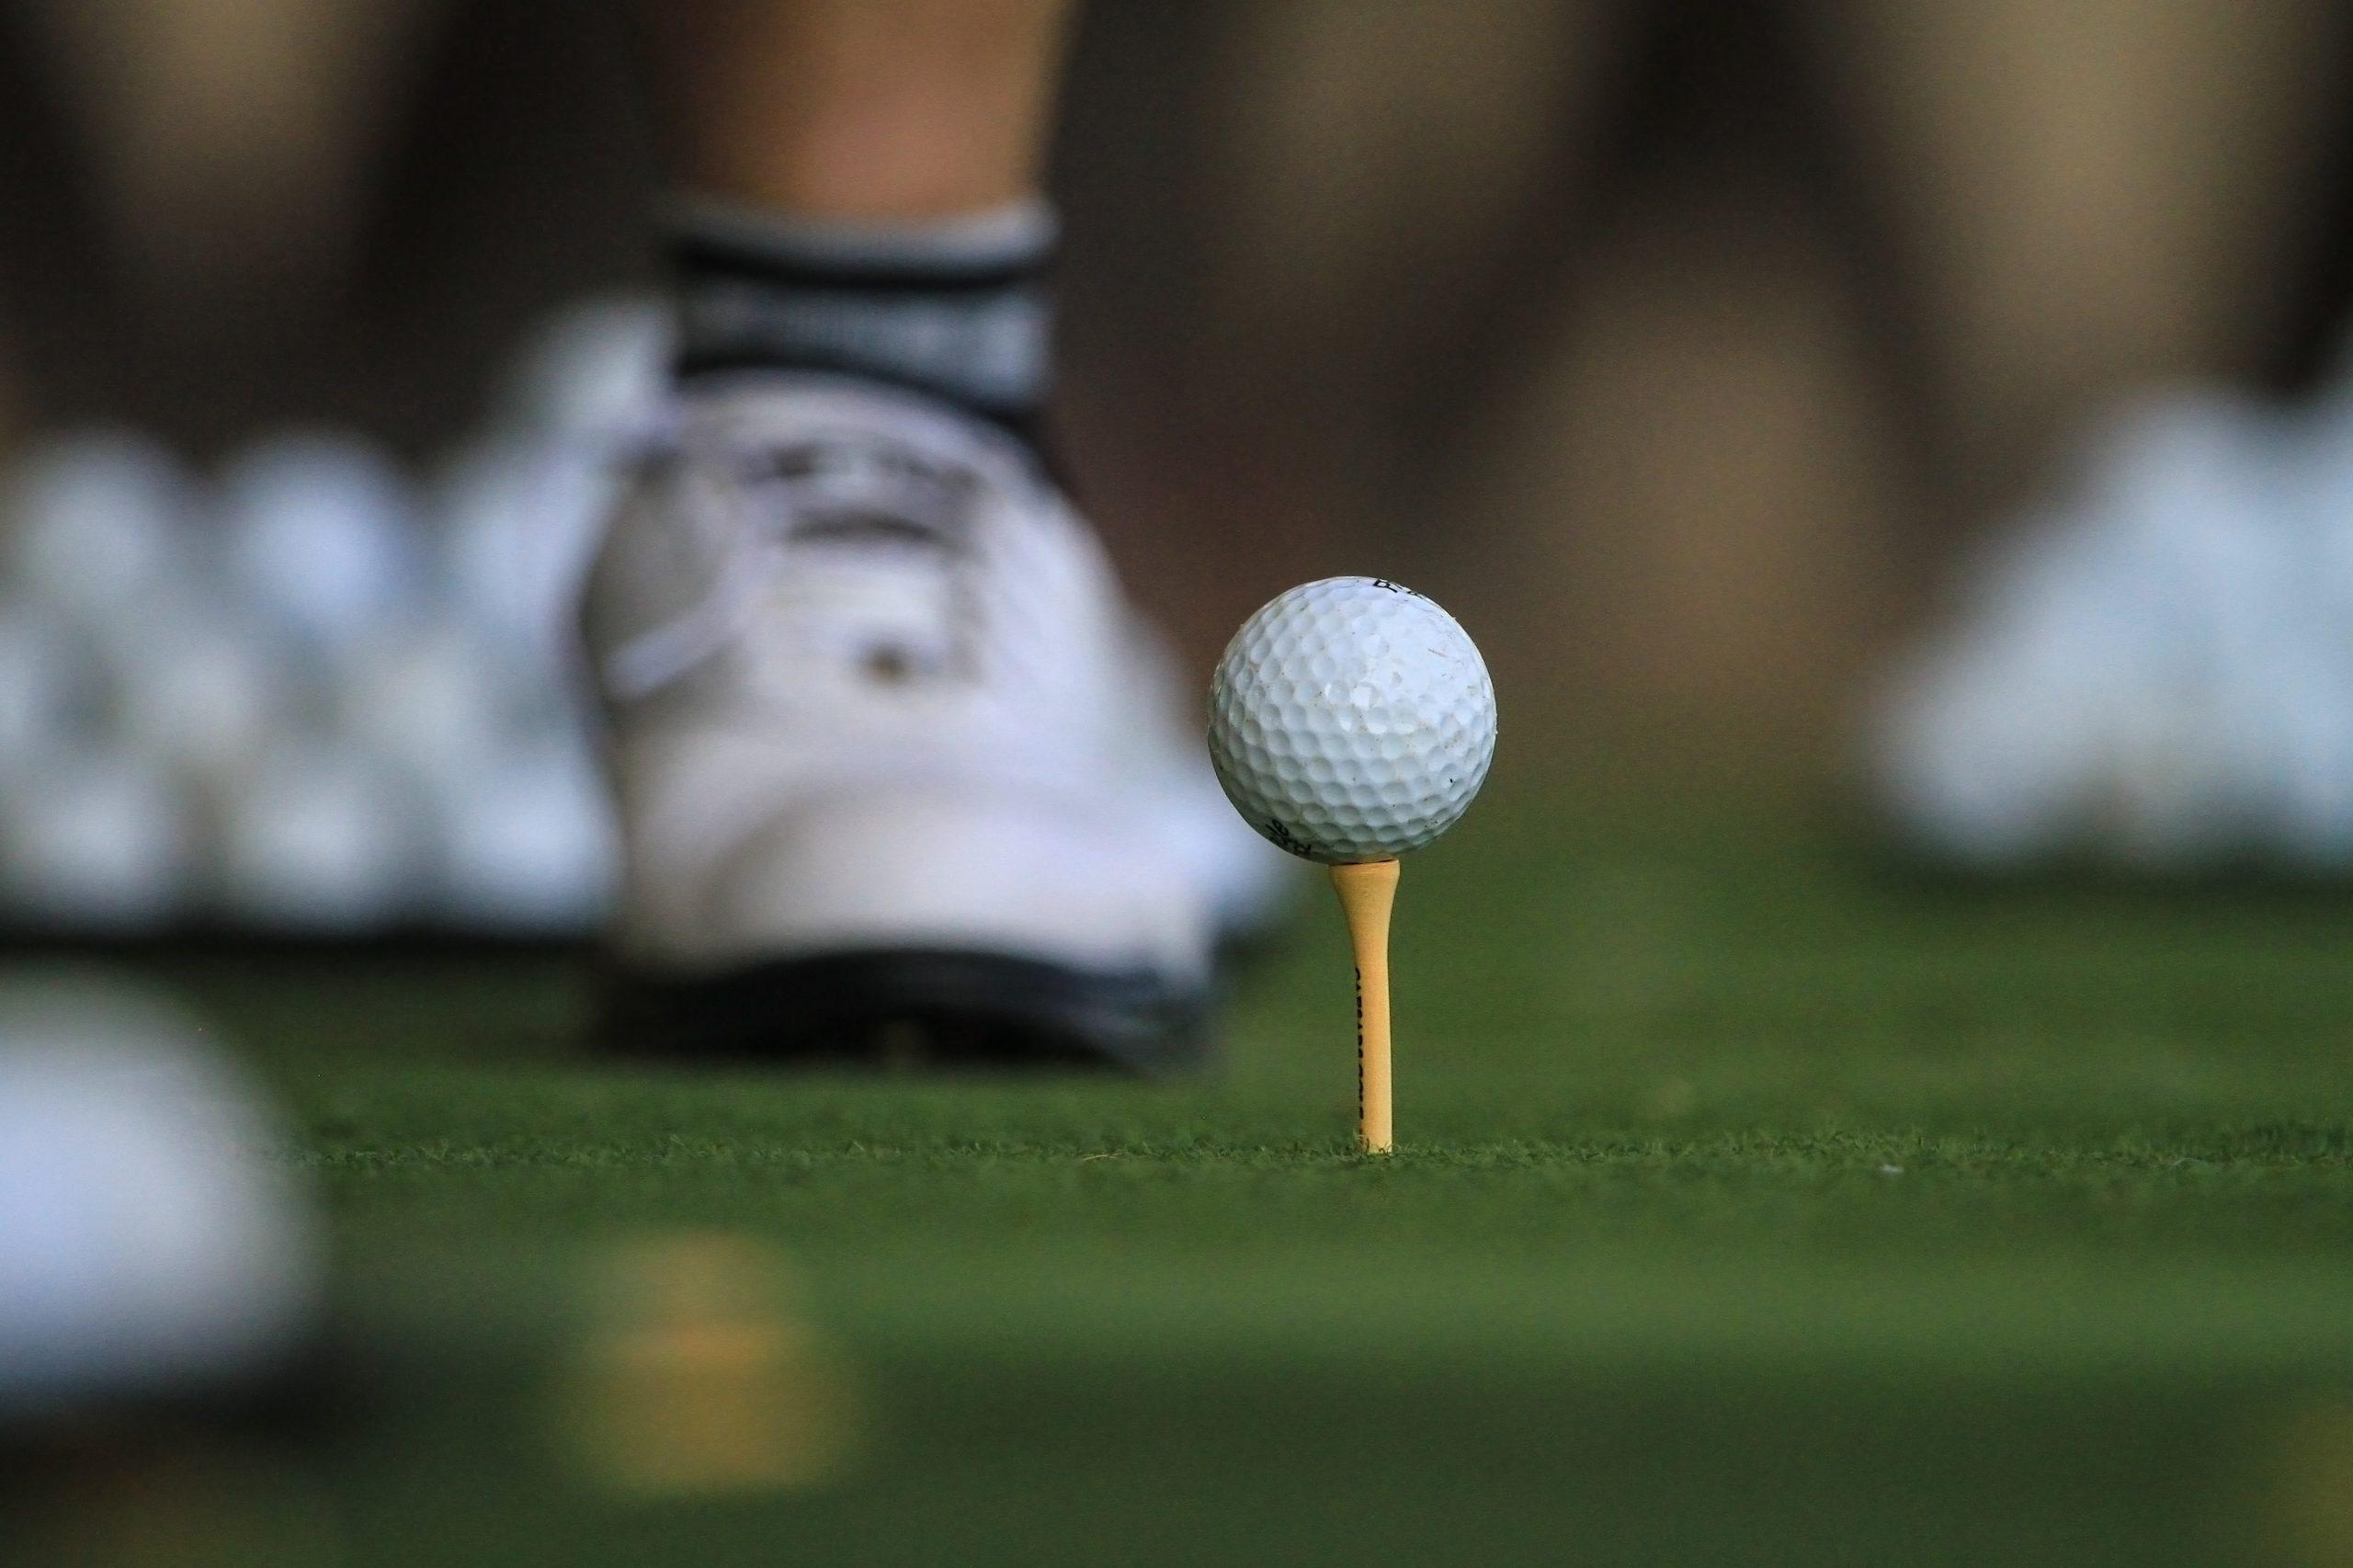 macau photo agency jPrSXCIlzIA unsplash scaled - Køb billige golfbolde med tanke på miljøet